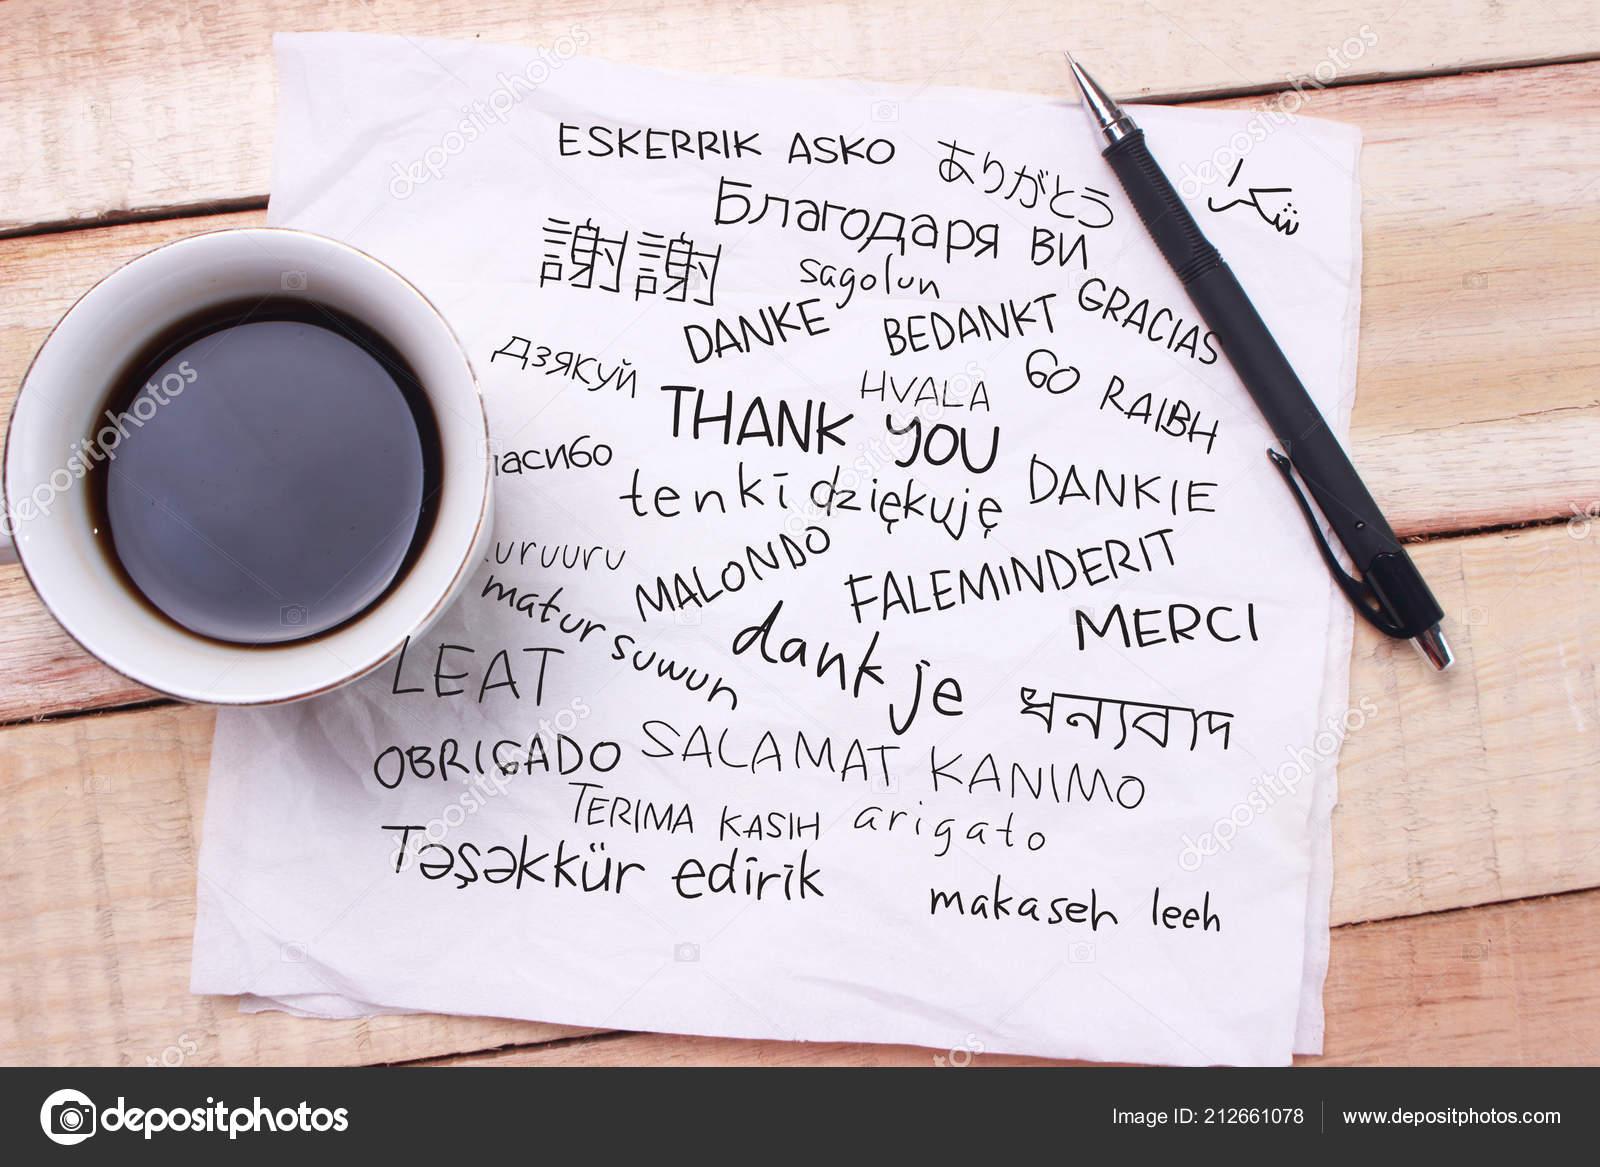 Merci Lettre Mots Gratitude Dans Nombreuses Langues écrit